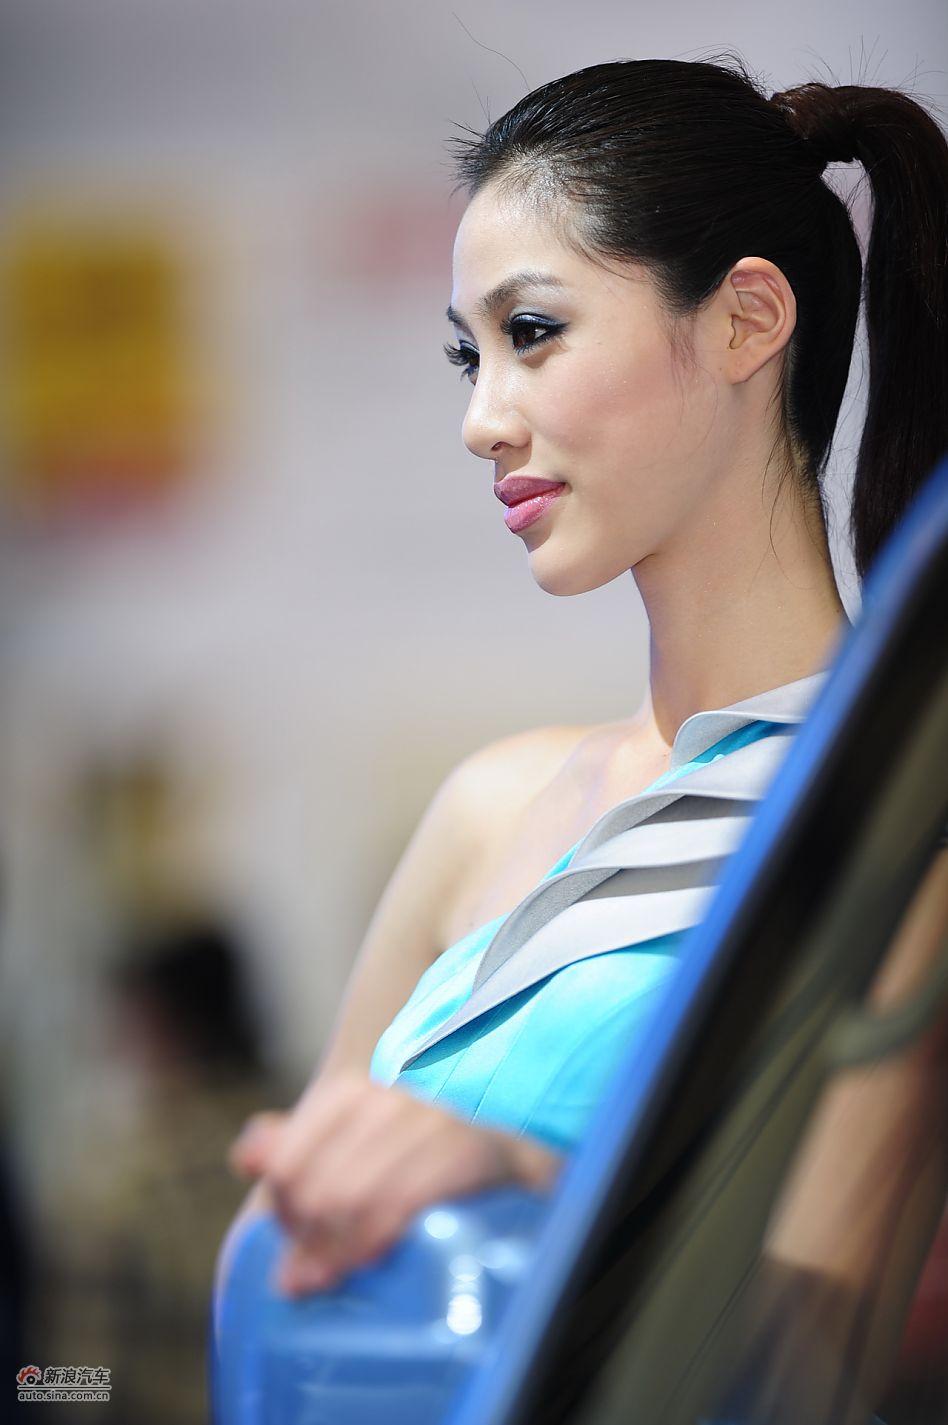 北京车展宝马美女车模,上海车展美女车模,上海车展 ...